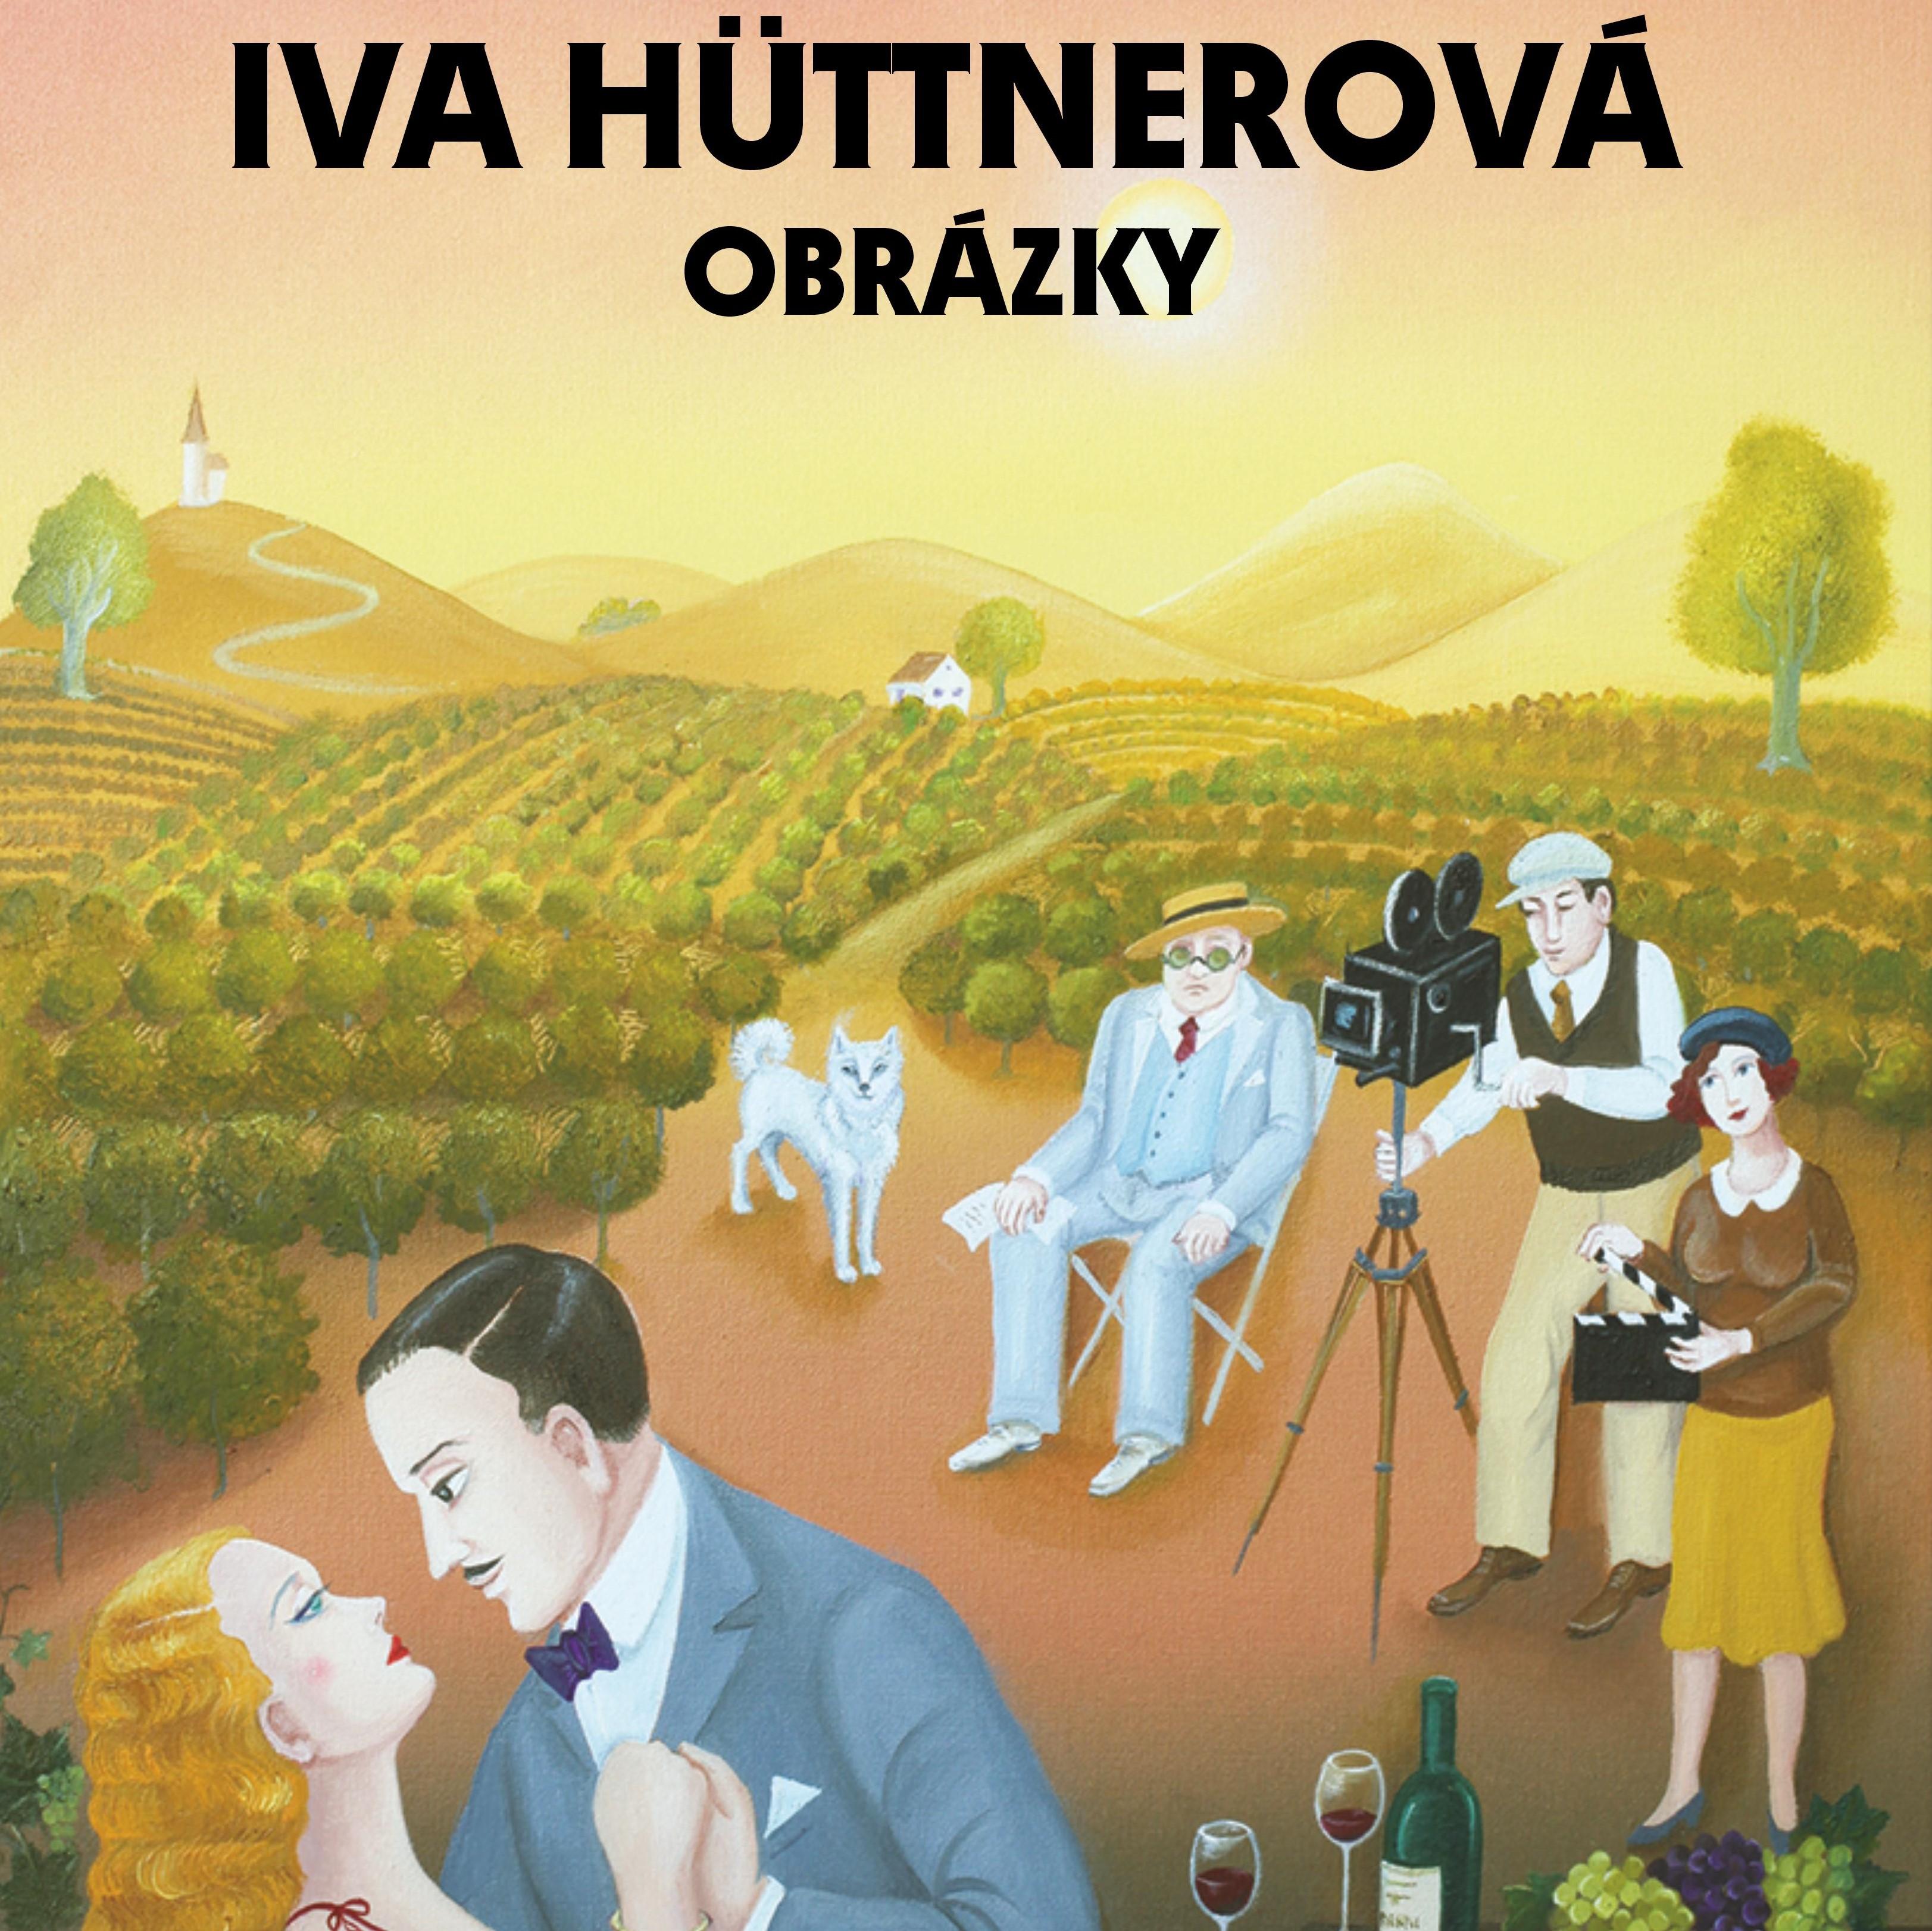 OBRÁZKY – Iva Hüttnerová